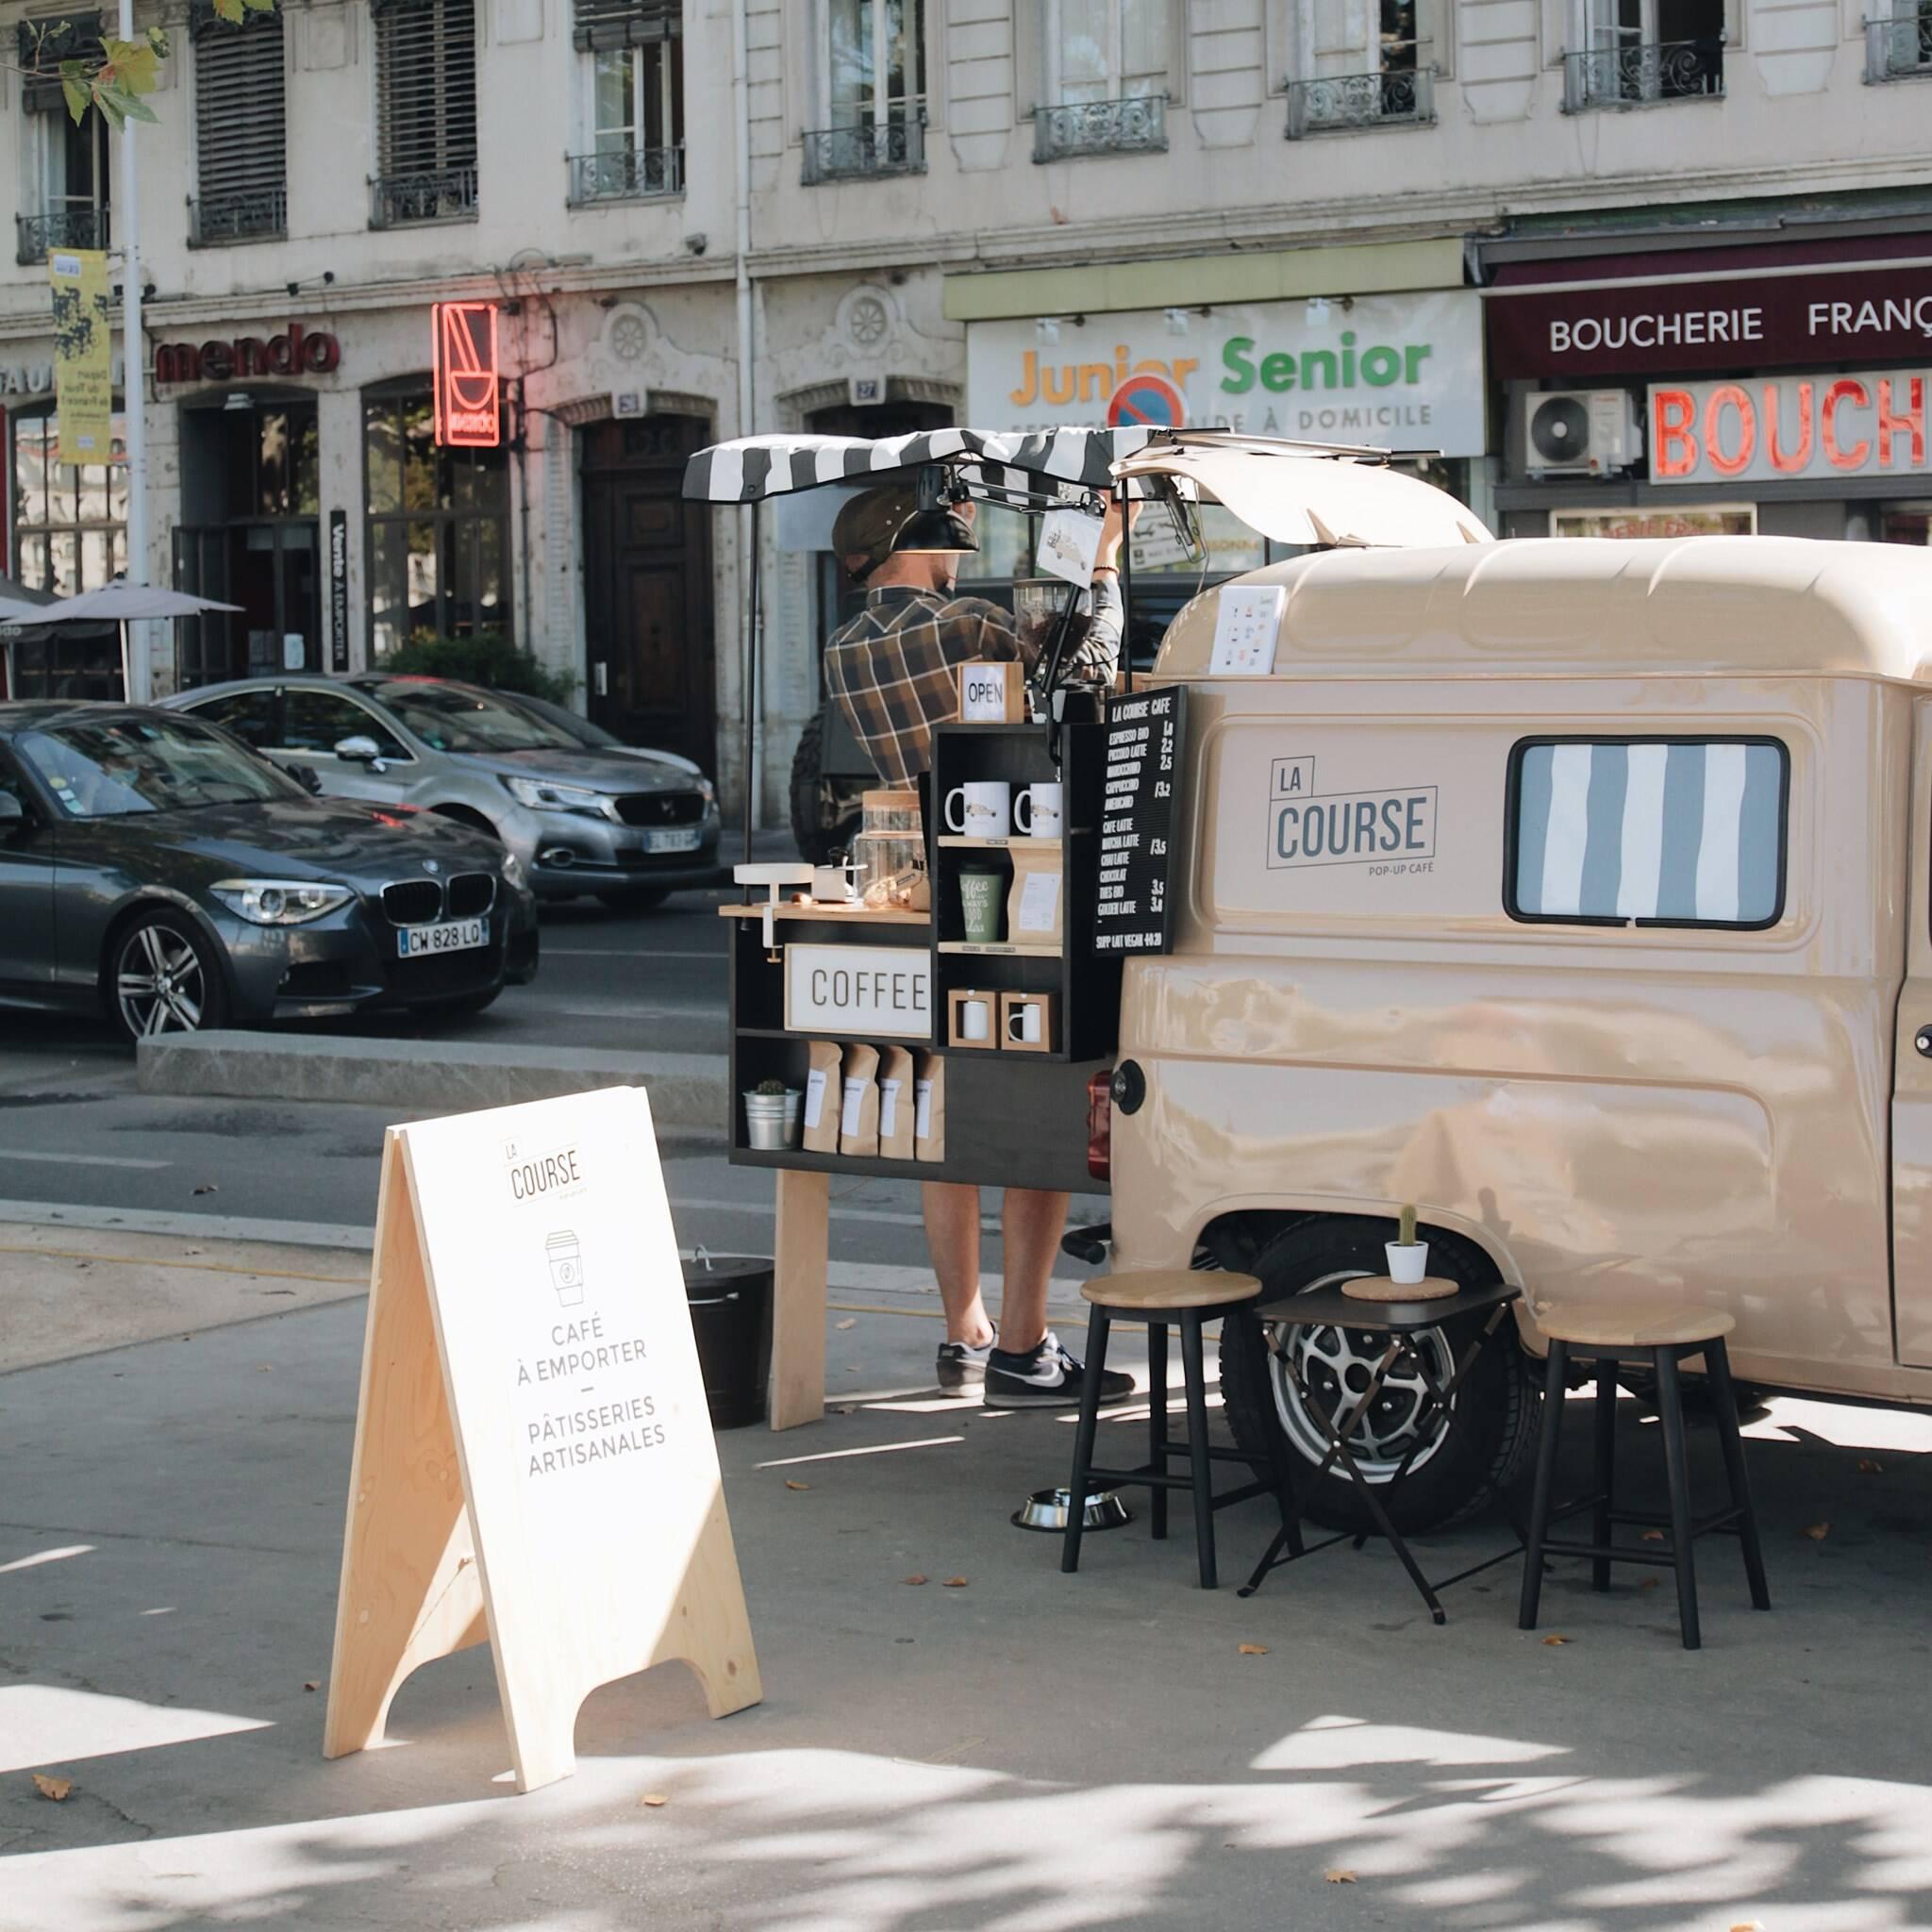 LA COURSE café : le coffee-shop nomade et responsable à Lyon où passer lors de votre sortie quotidienne